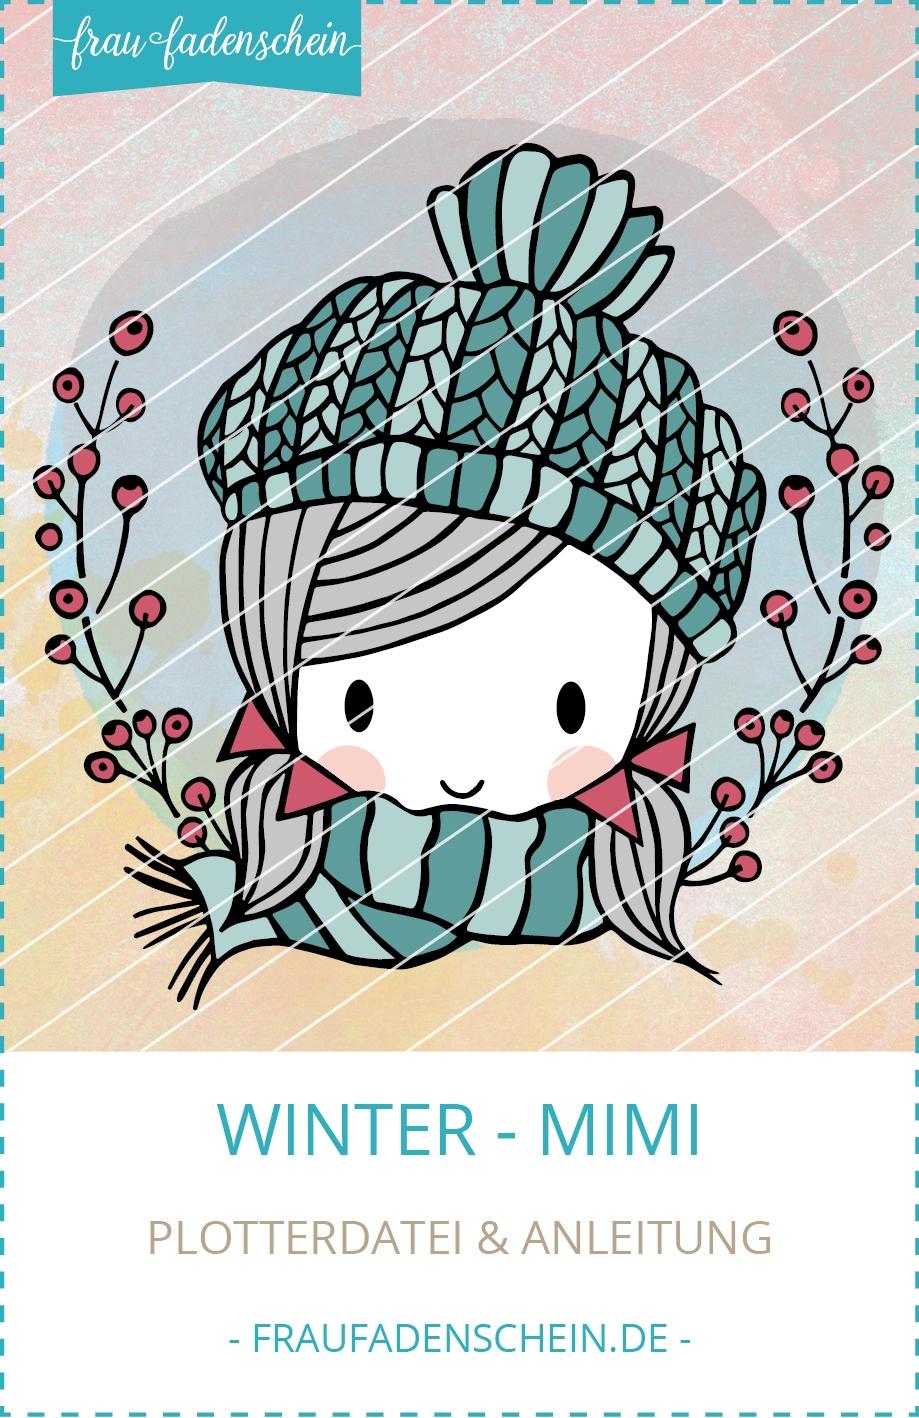 Plotterdatei Winter-Mimi